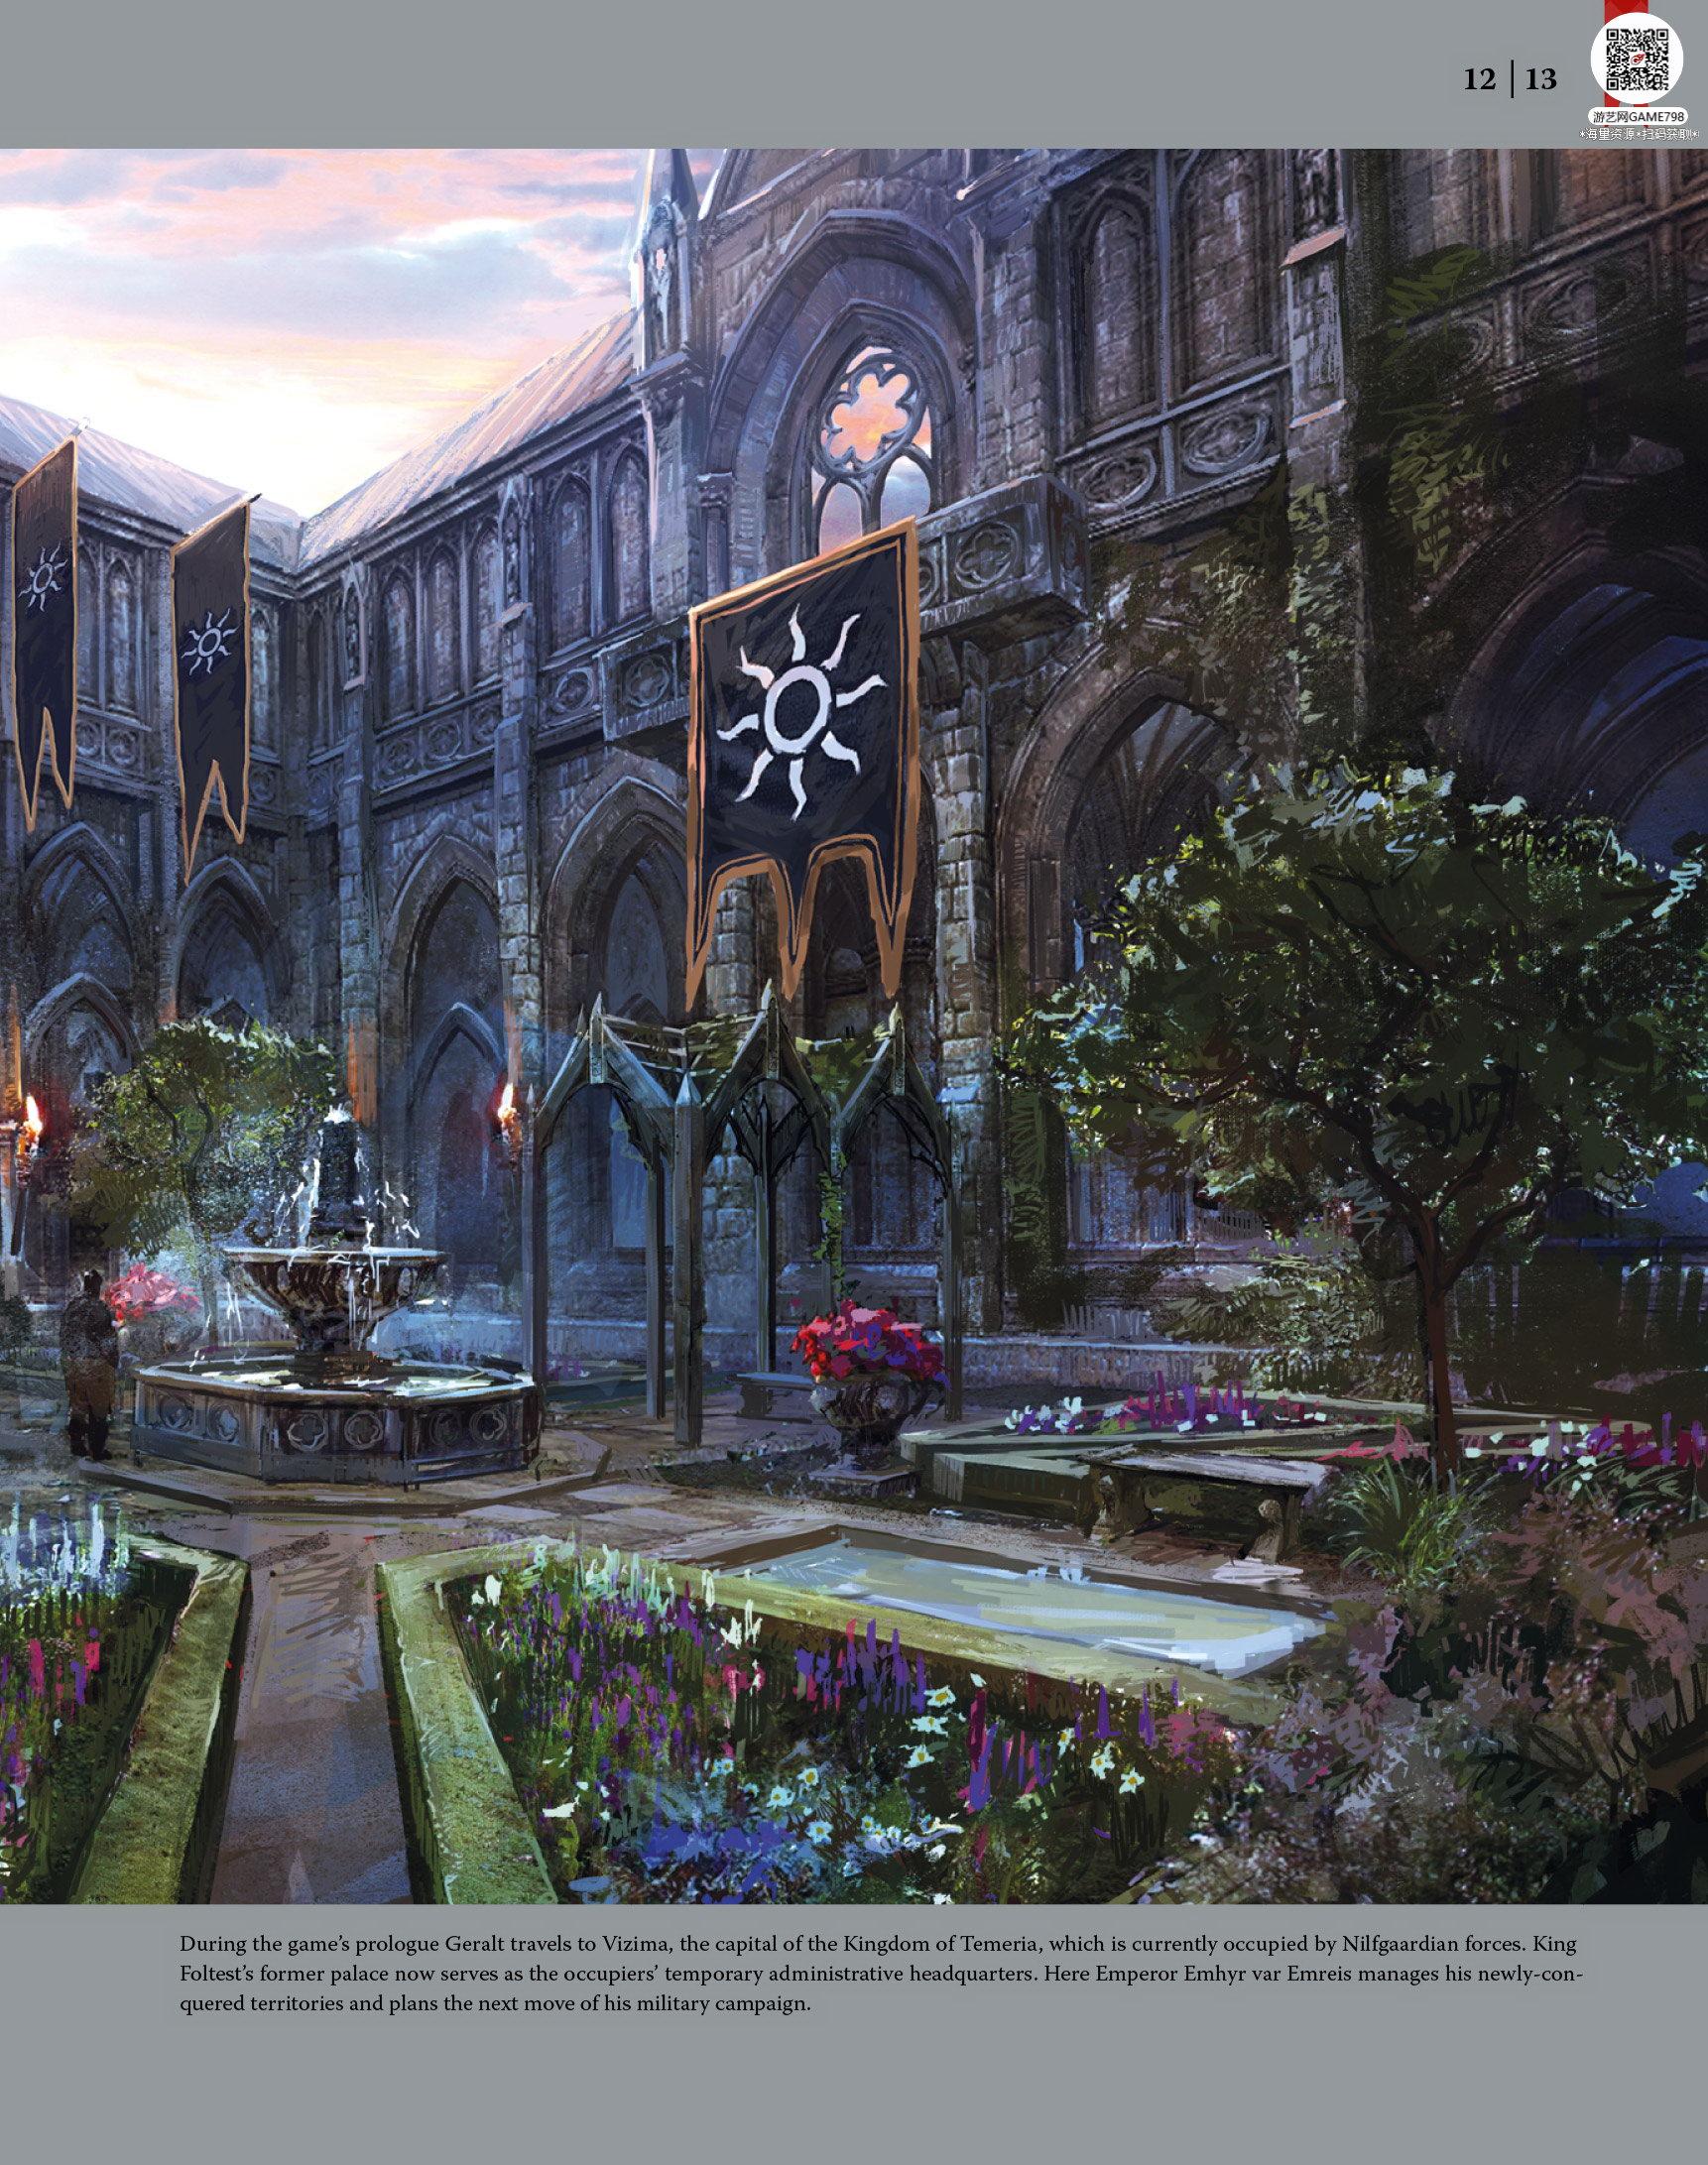 014_关注游艺网公众号获海量资源_次世代游戏巫师3(Witcher)官方原画概念设定.jpg